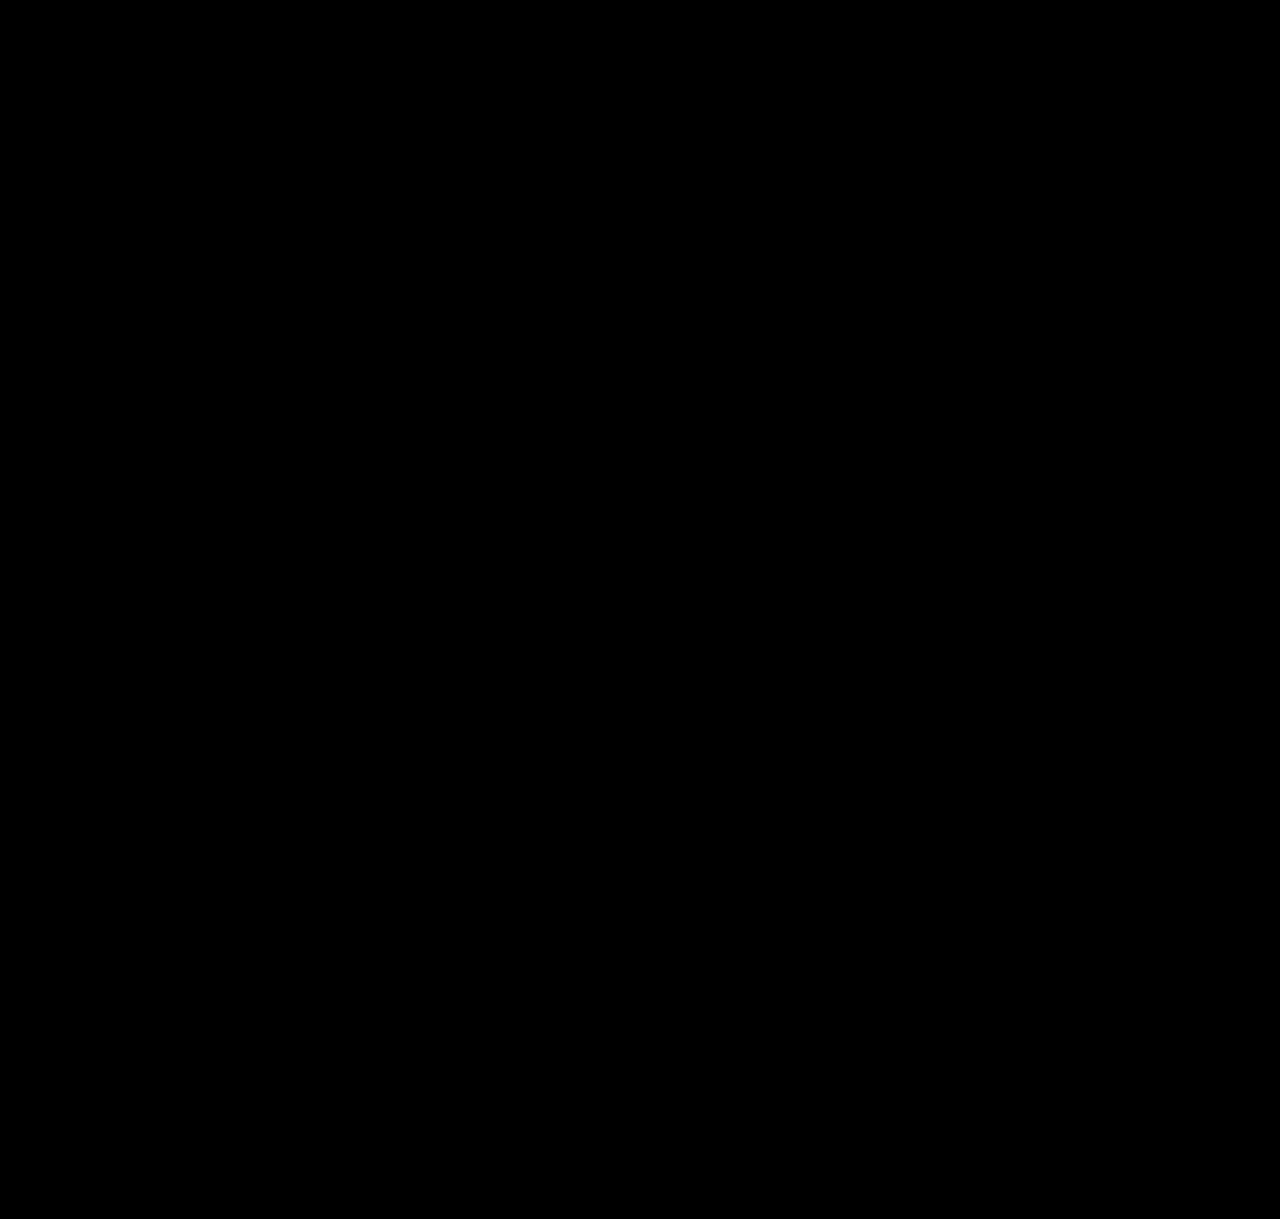 star-scatter-5293466_1280